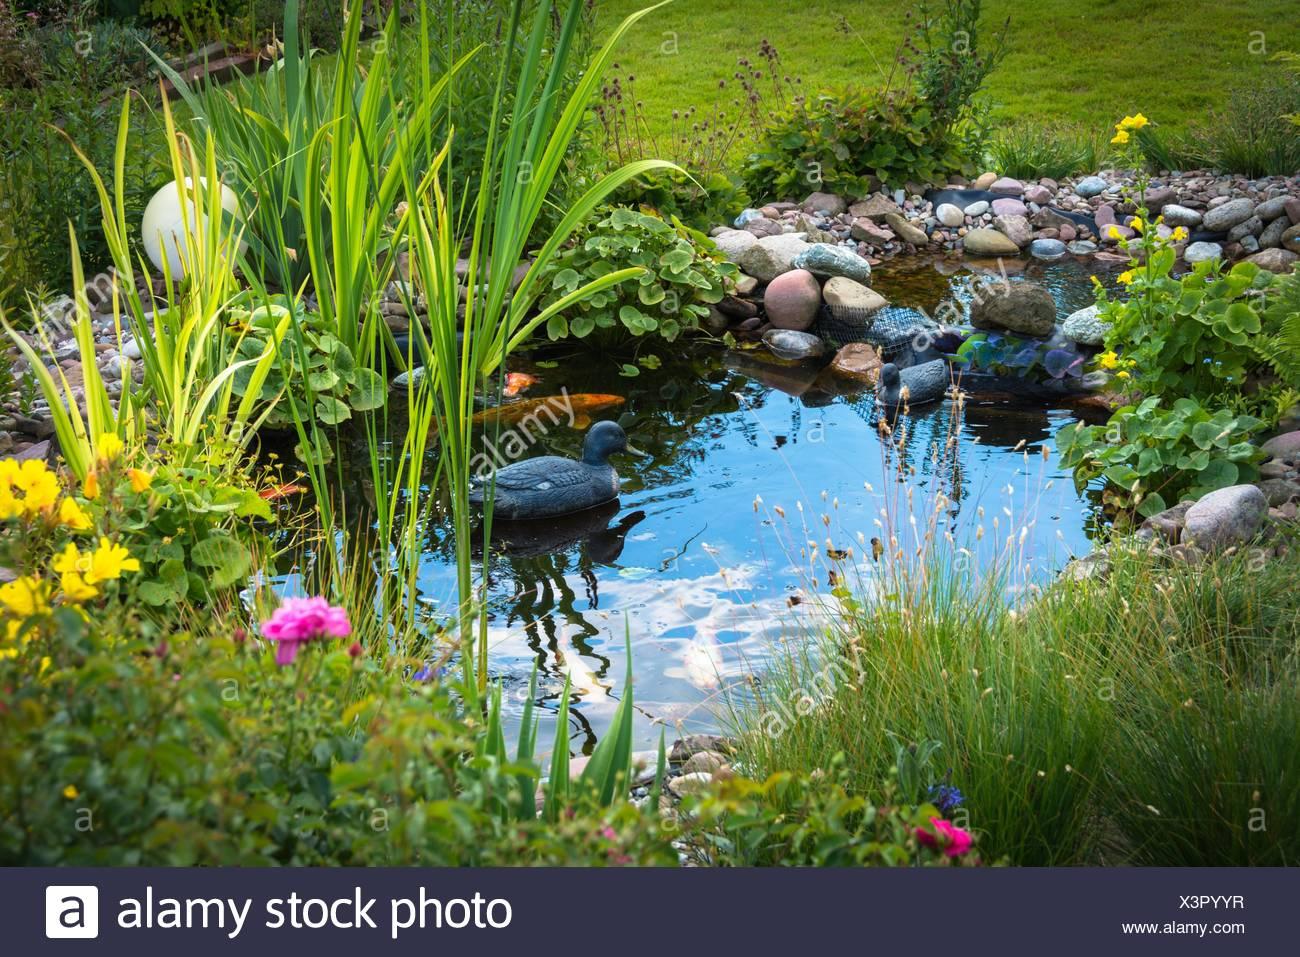 Garten-Teich mit Ente Stockfoto, Bild: 277714747 - Alamy